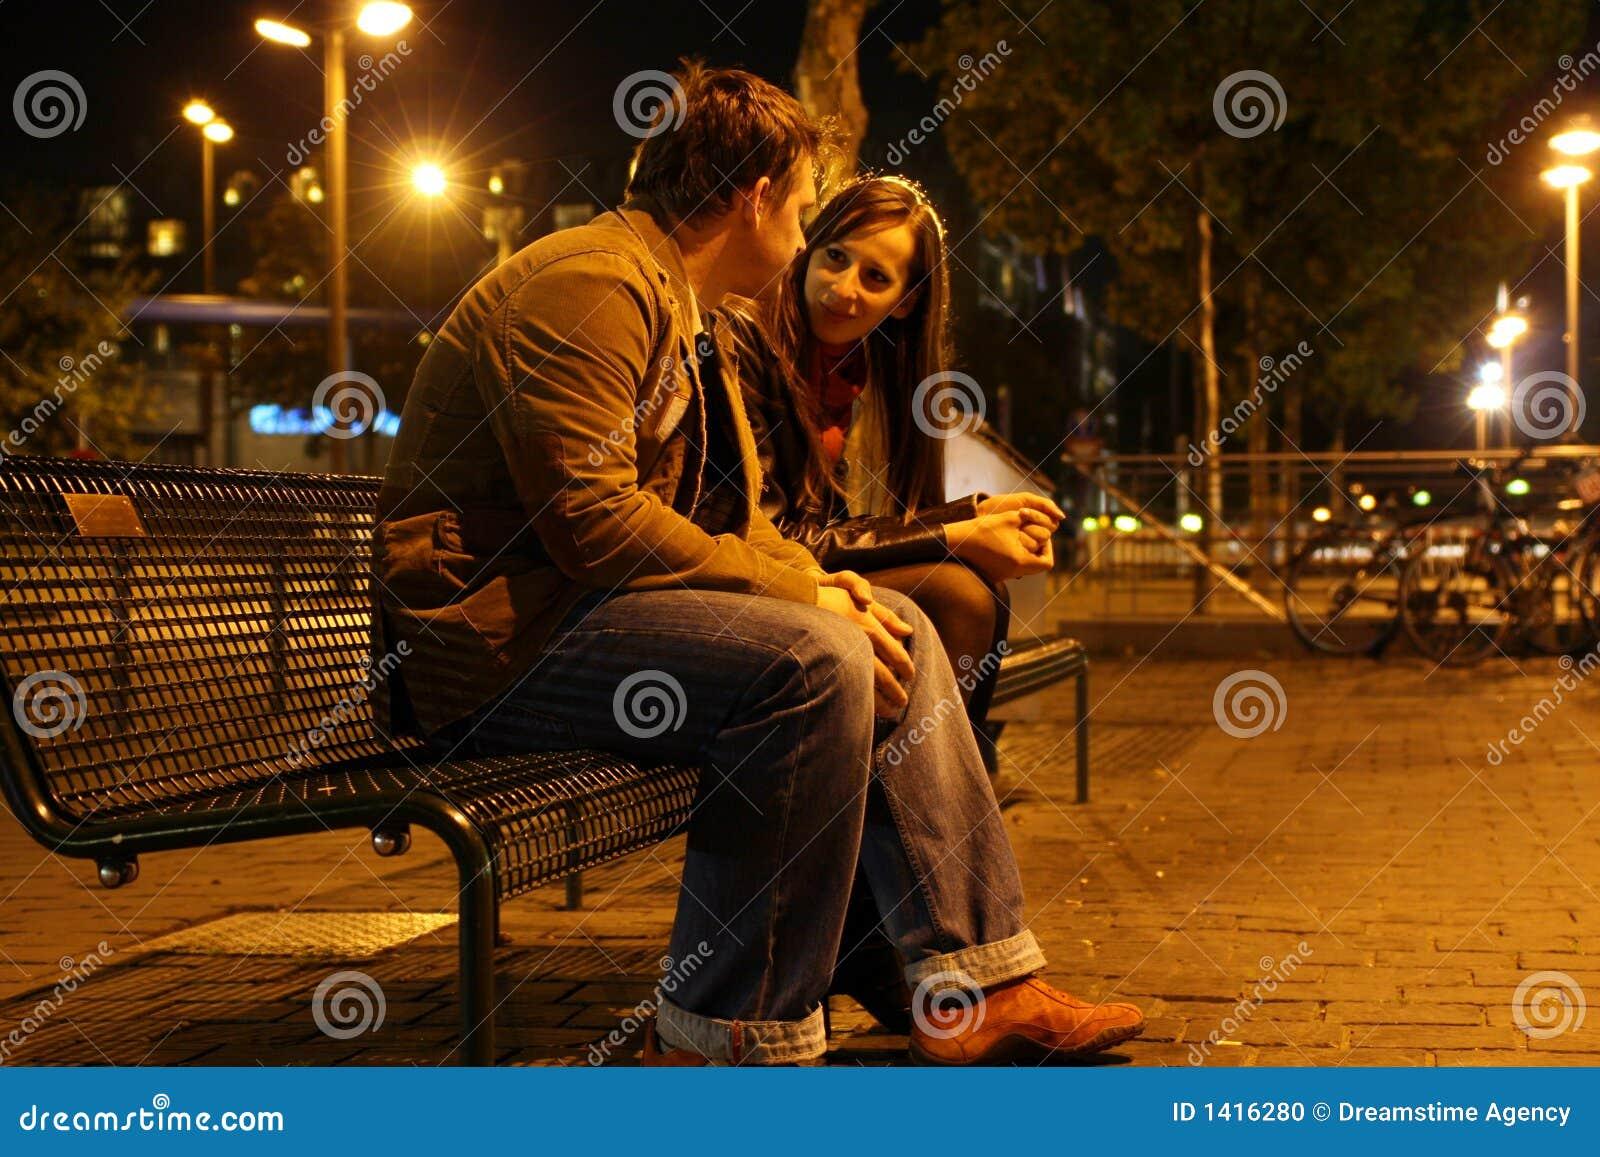 Reunião romântica